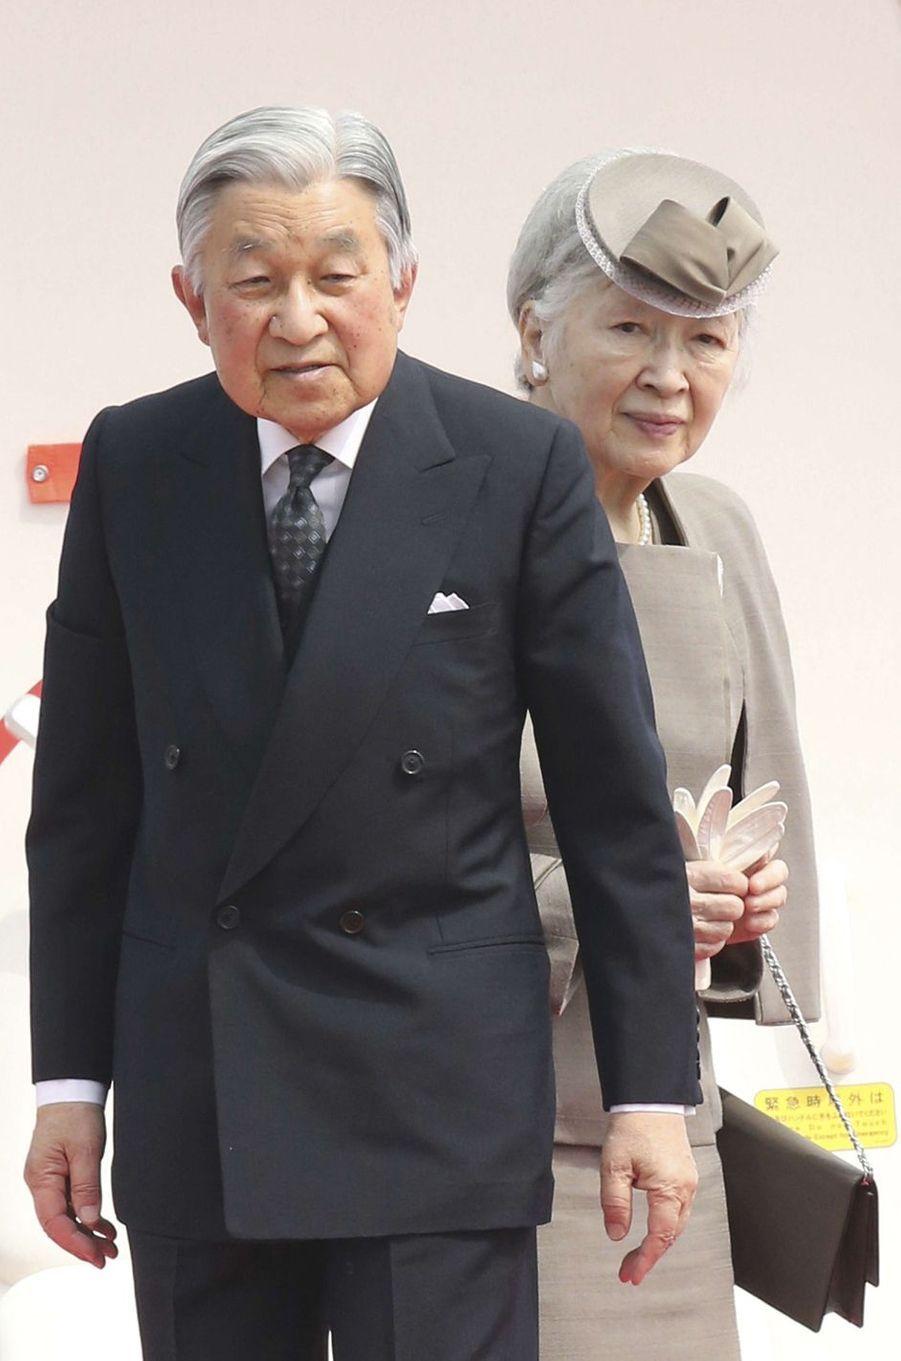 L'empereur Akihito du Japon et l'impératrice Michiko partent de Tokyo pour l'île d'Okinawa, le 27 mars 2018